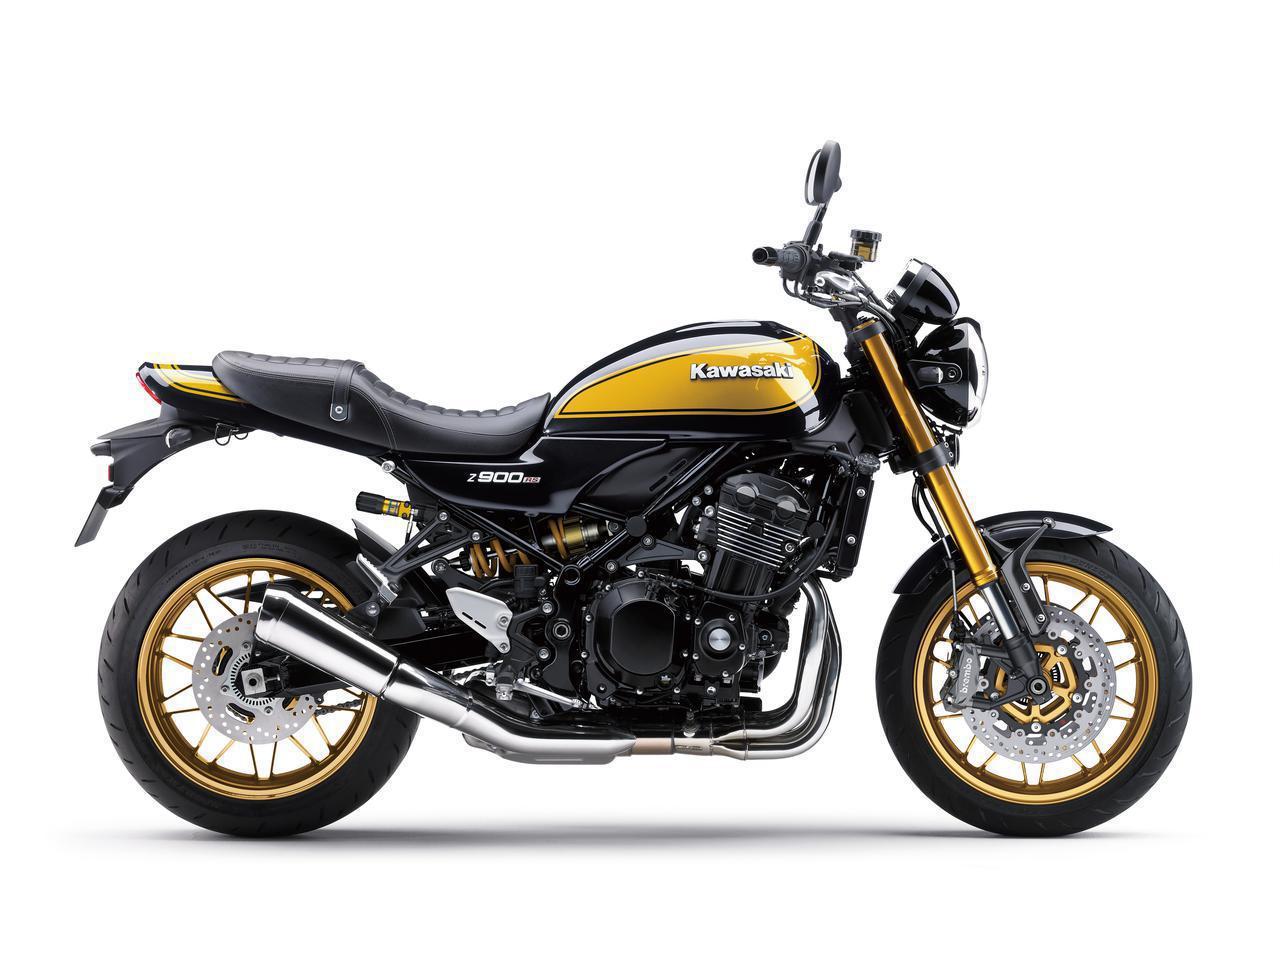 画像: カワサキが「Z900RS SE」の国内モデルを正式発表 - webオートバイ